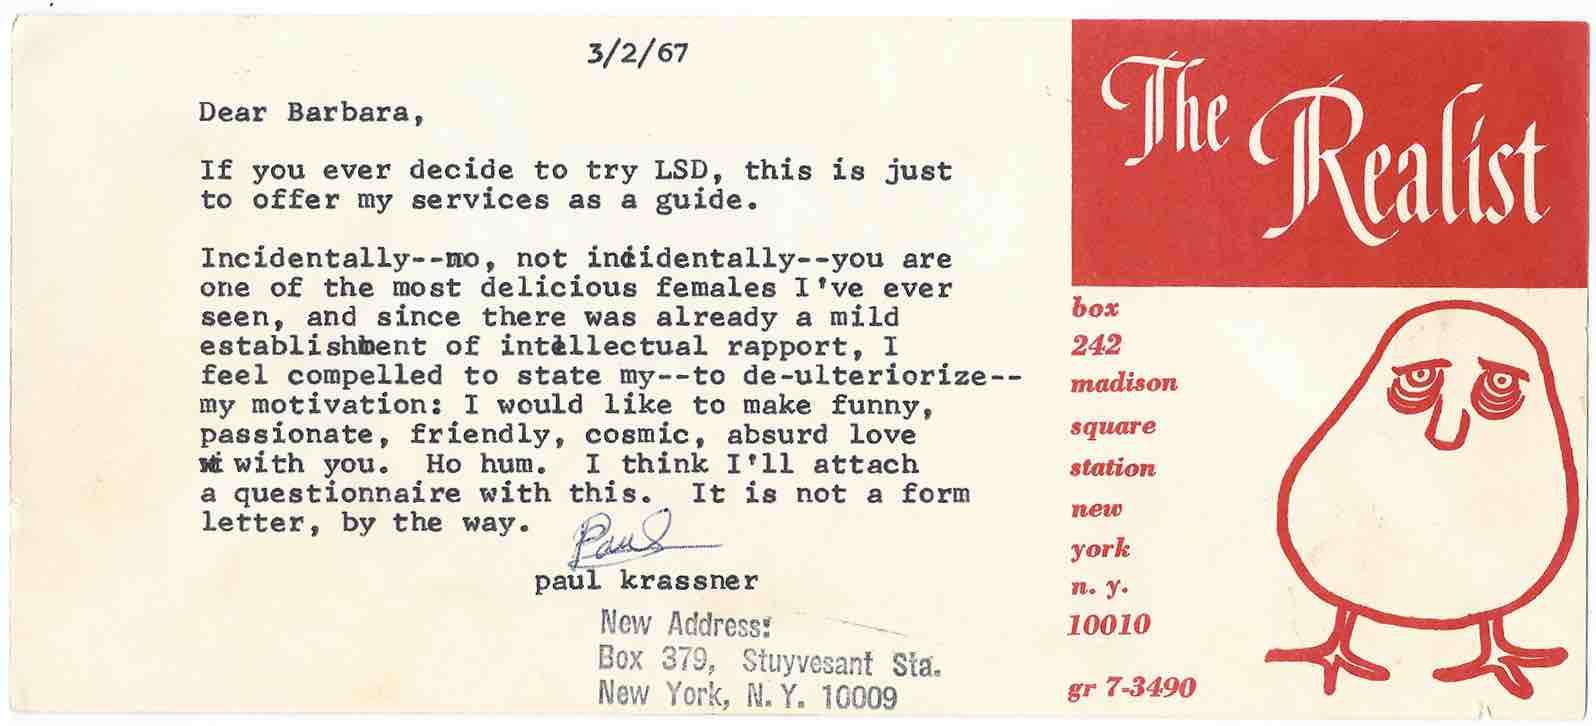 Paul Krassner letter - p 1-170